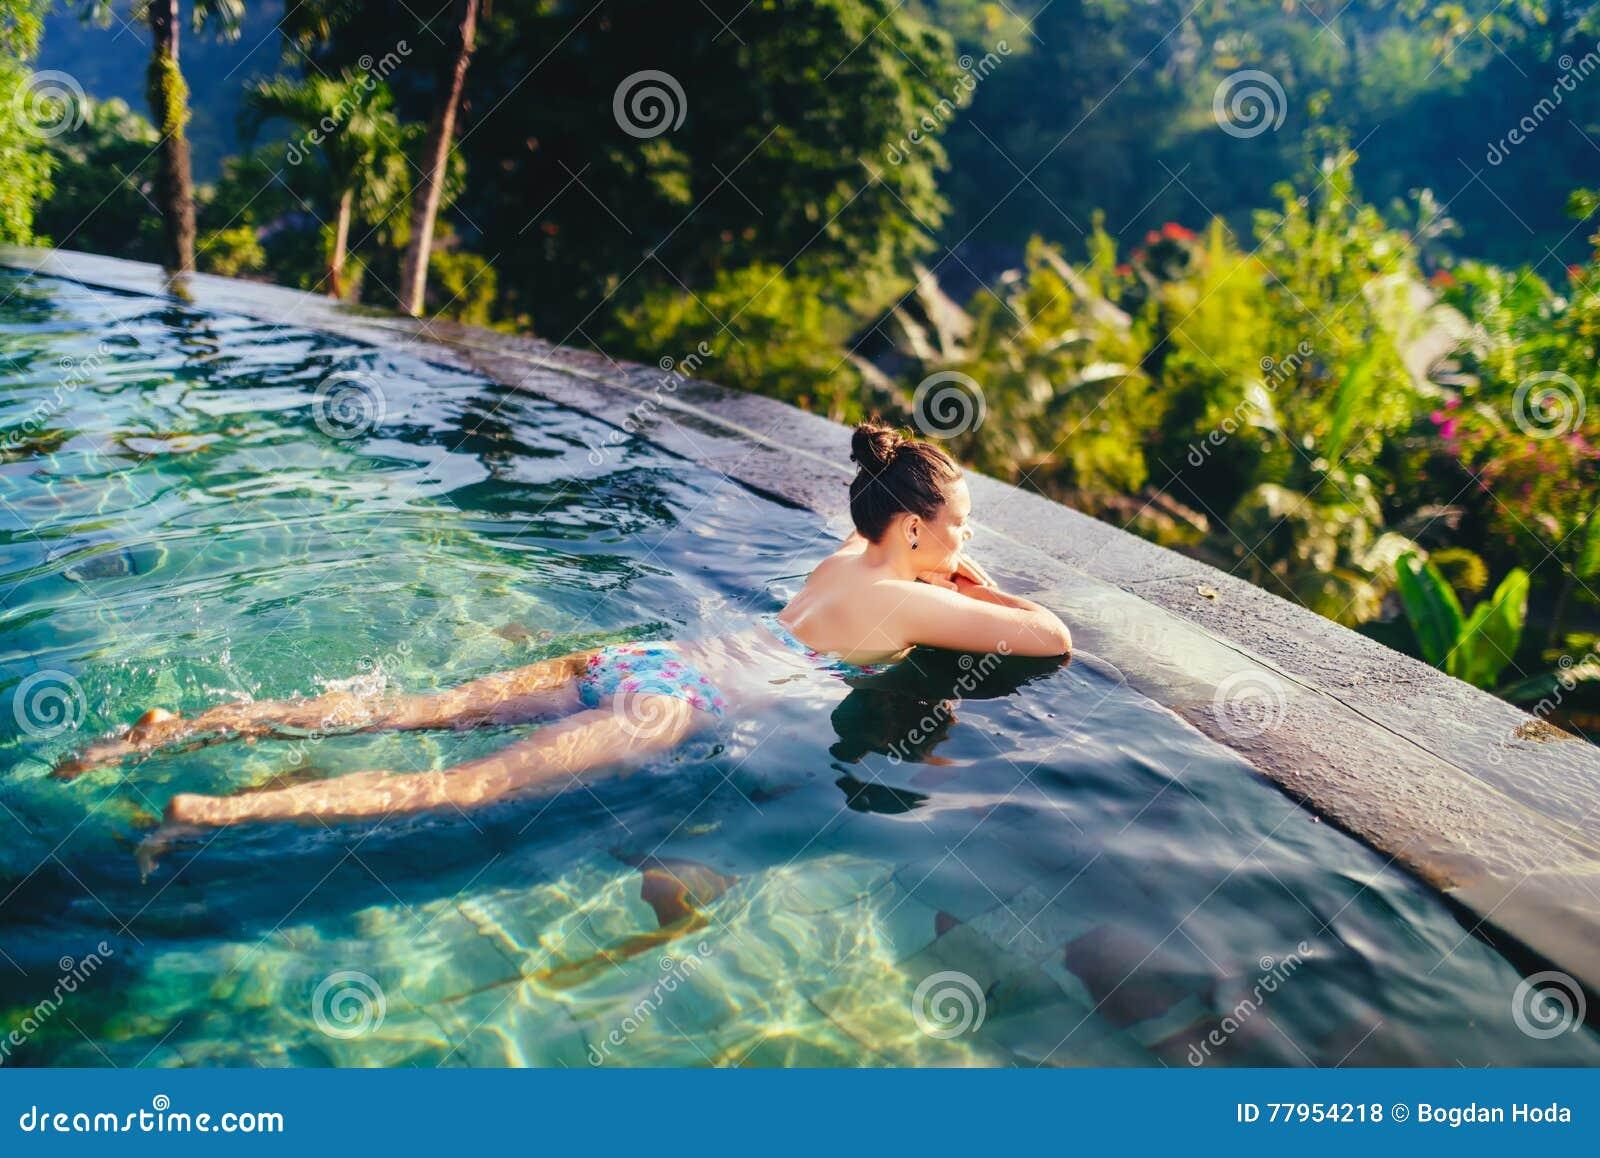 Ragazza che prende il sole nella piscina foto stock - Orientamento piscina ...